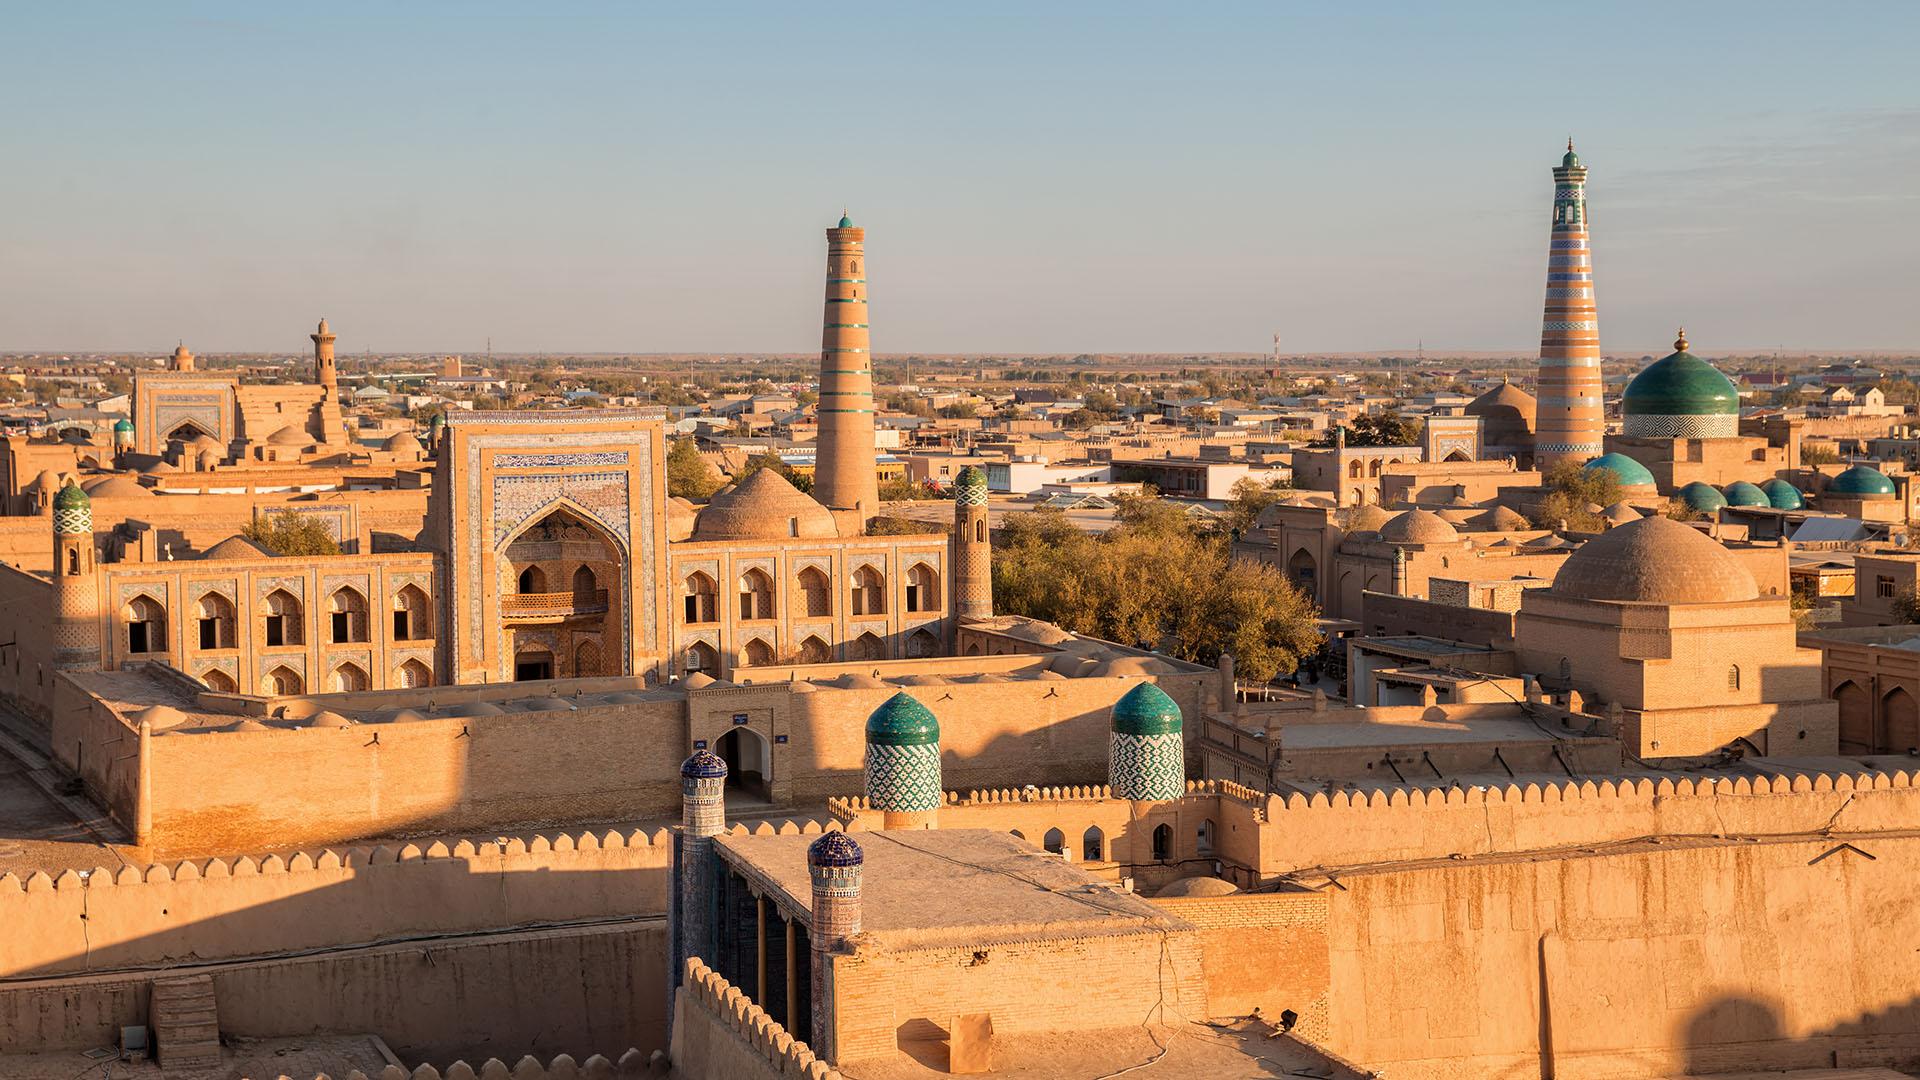 La República de Uzbekistán, anteriormente llamada Gran Bukaria, es un país situado en Asia Central (Getty images)